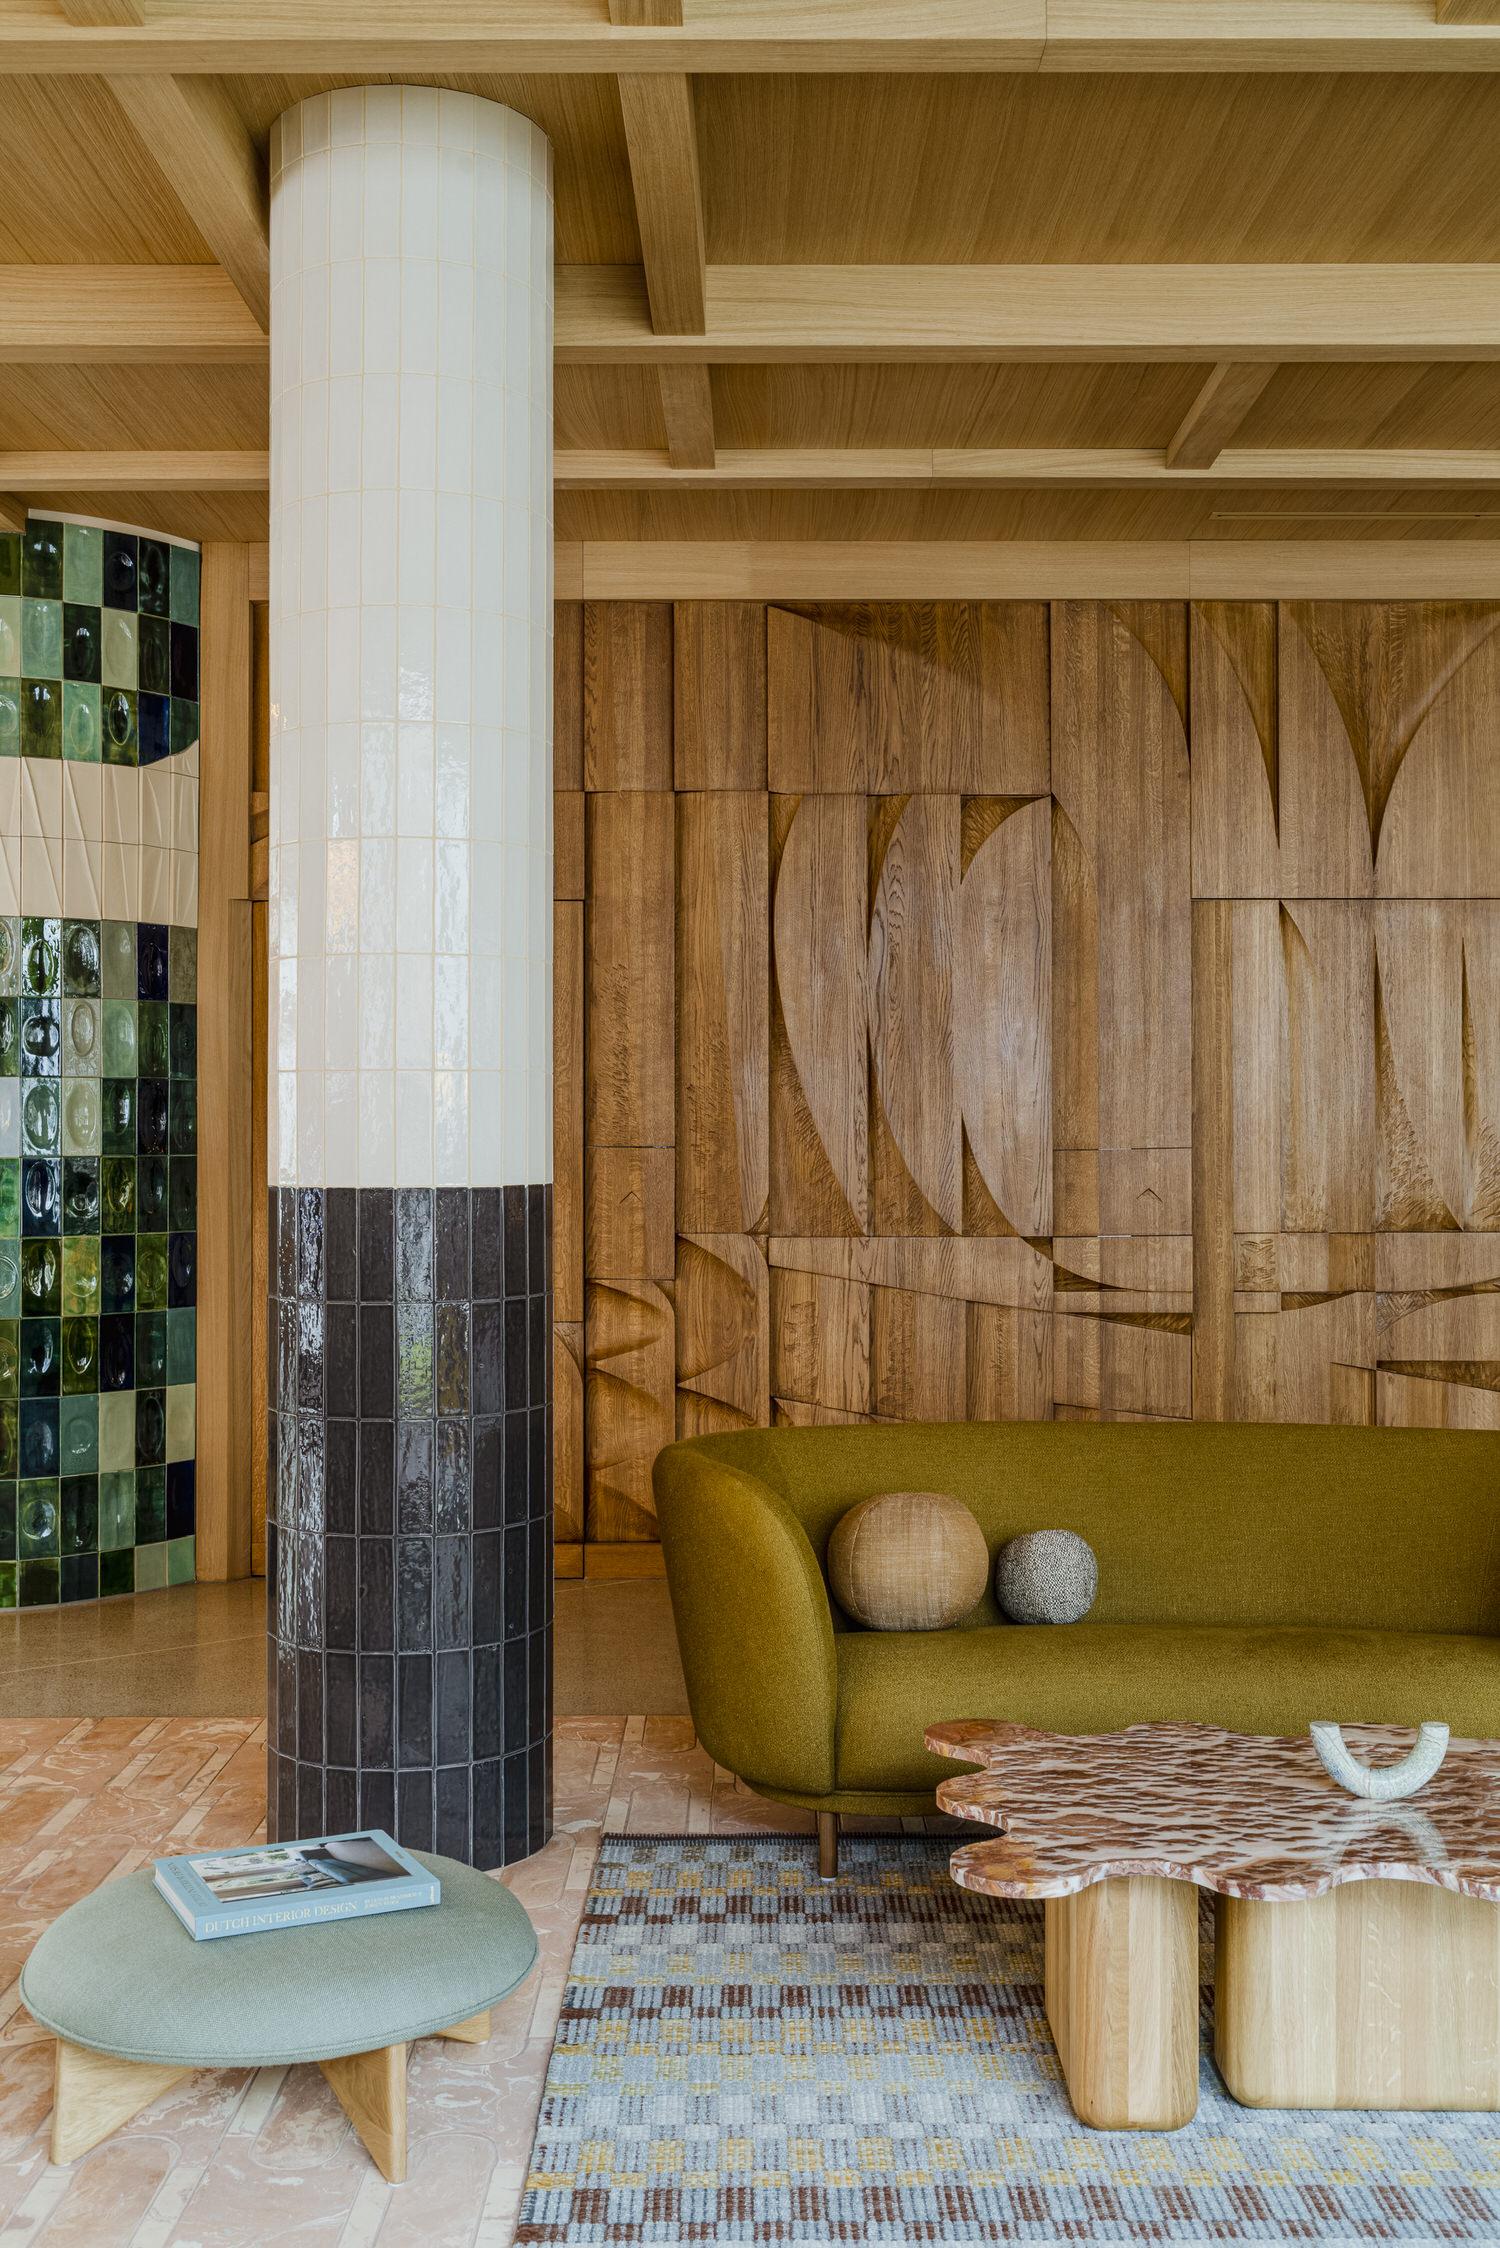 Paradowski Studio Puro Hotel Krakow Photo Pion Studio Yellowtrace 04